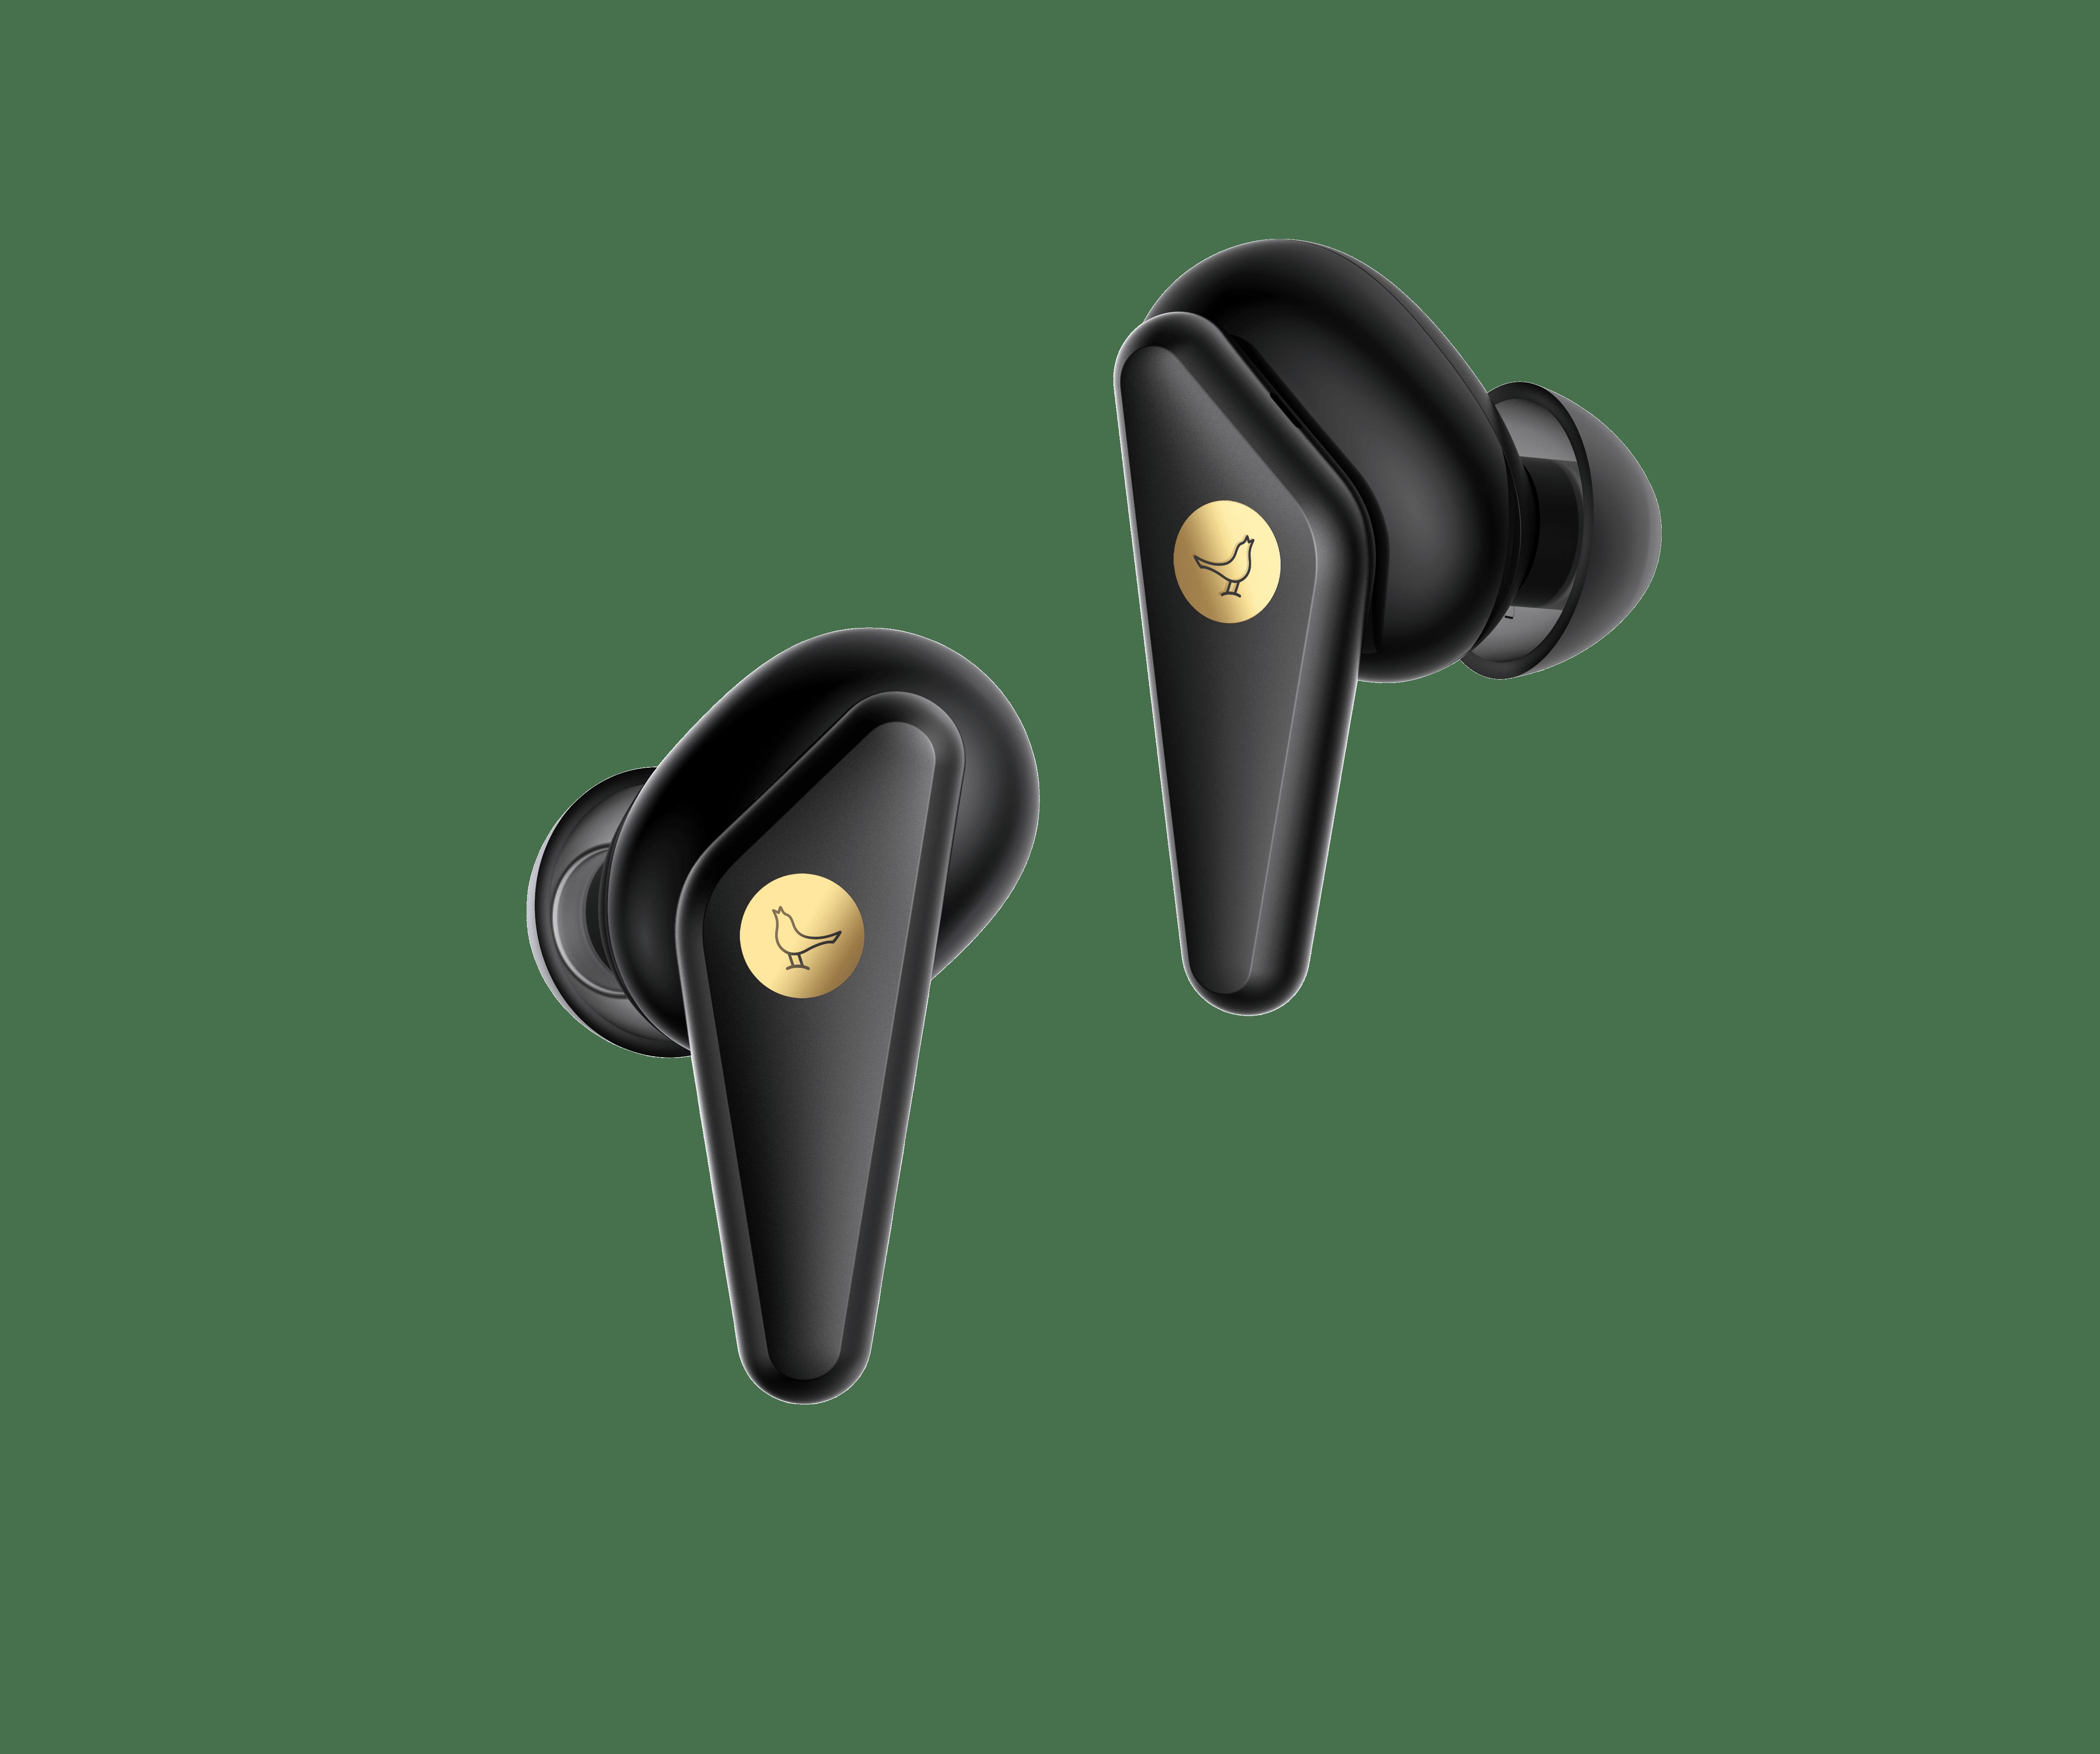 一次看懂抗噪耳機原理-2020年7款ANC主動降噪真無線藍牙耳機推薦